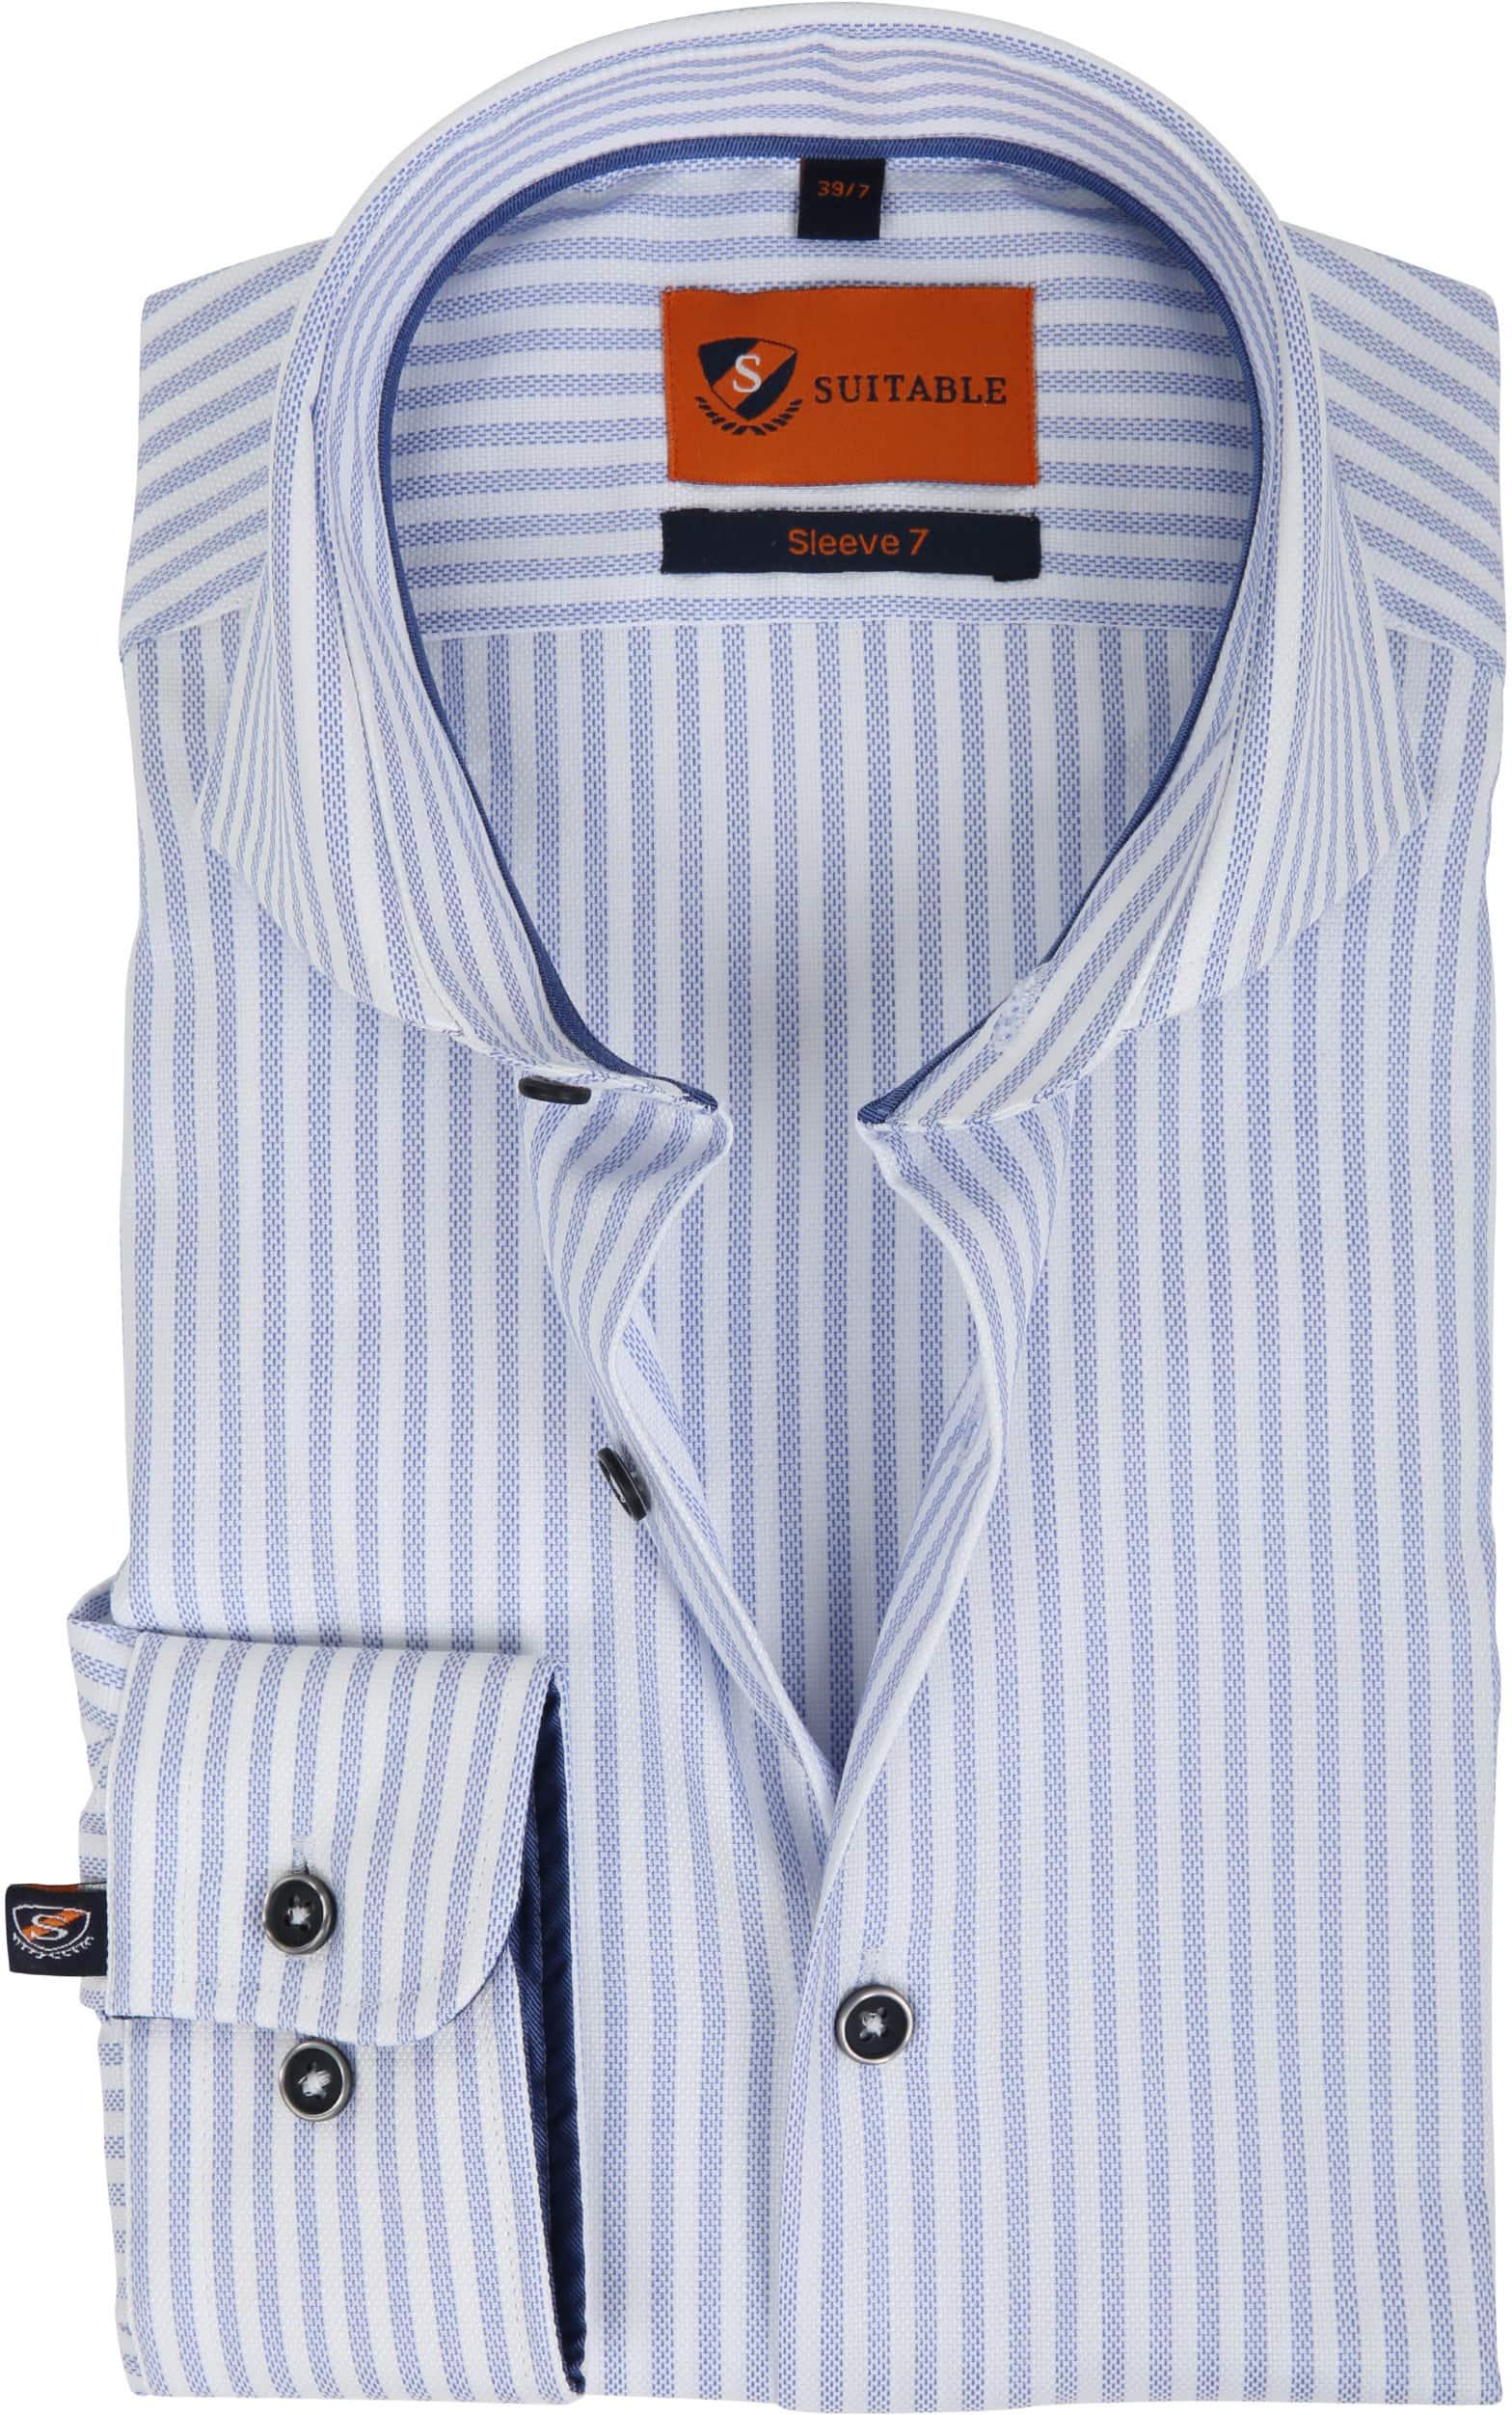 Suitable Overhemd SL7 Streep 180-3 foto 0